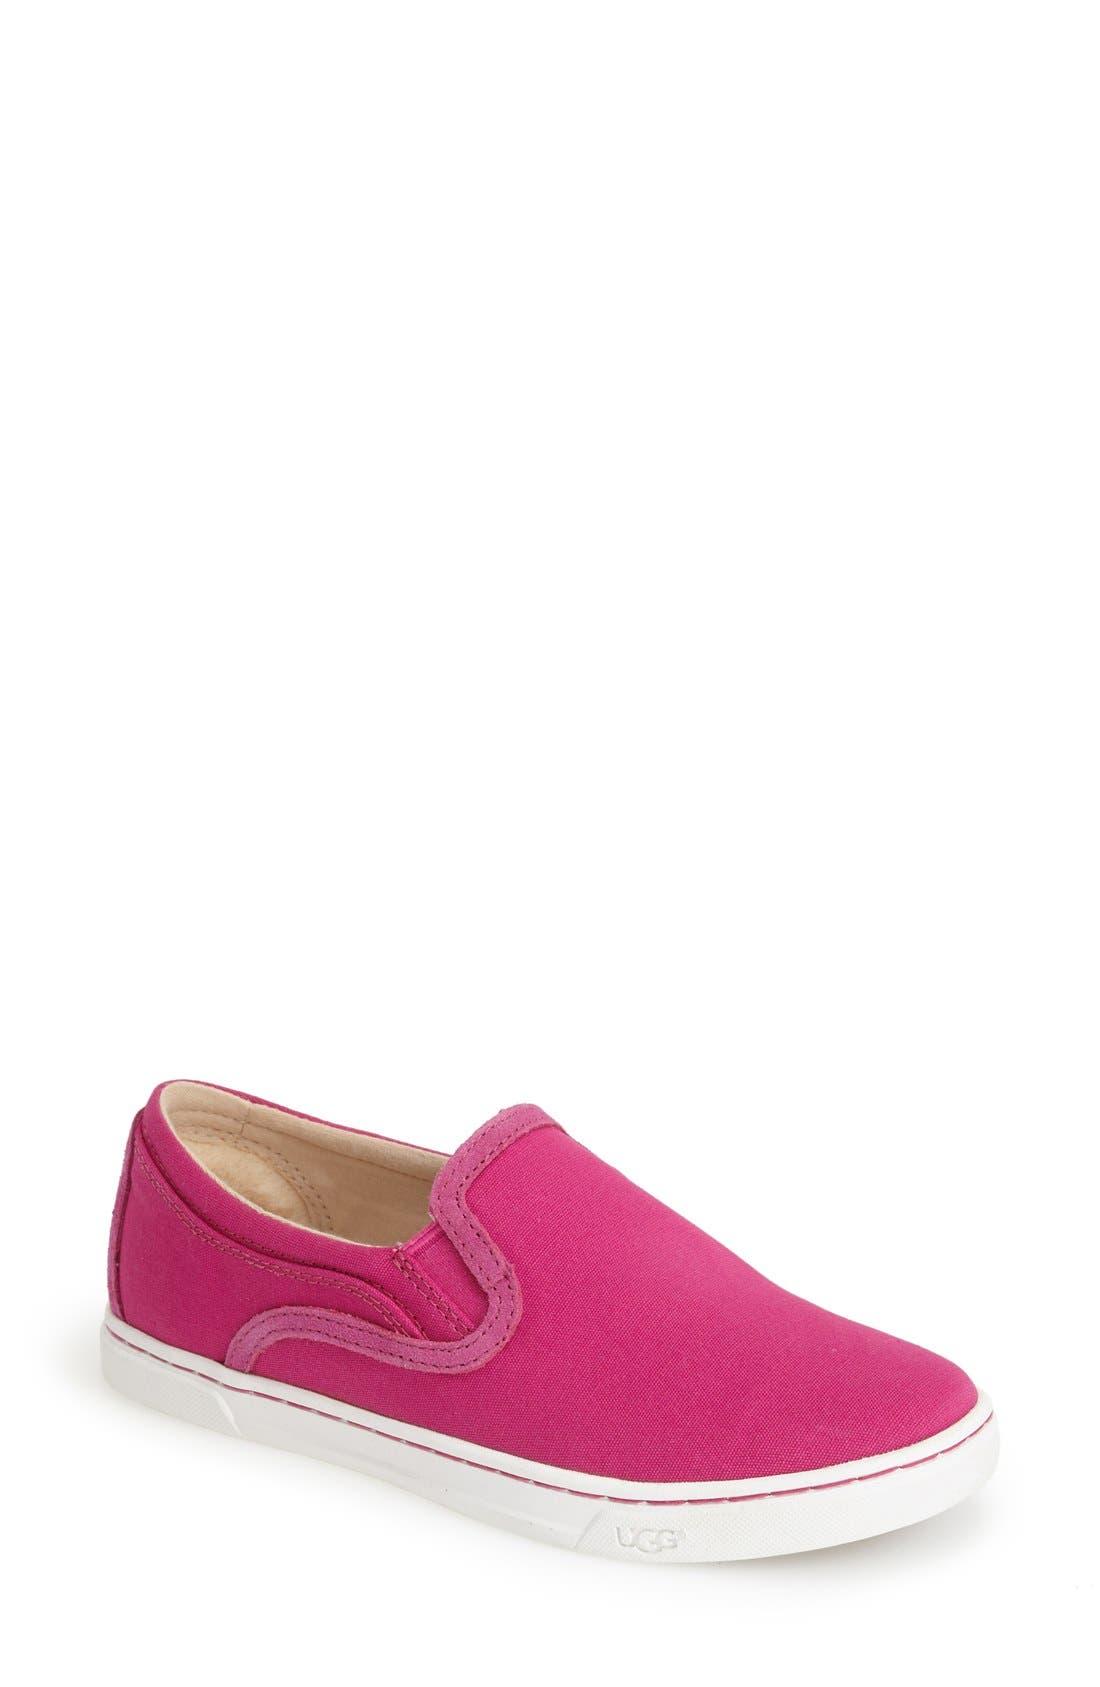 Alternate Image 1 Selected - UGG Australia® 'Fierce' Slip-On Sneaker (Women)